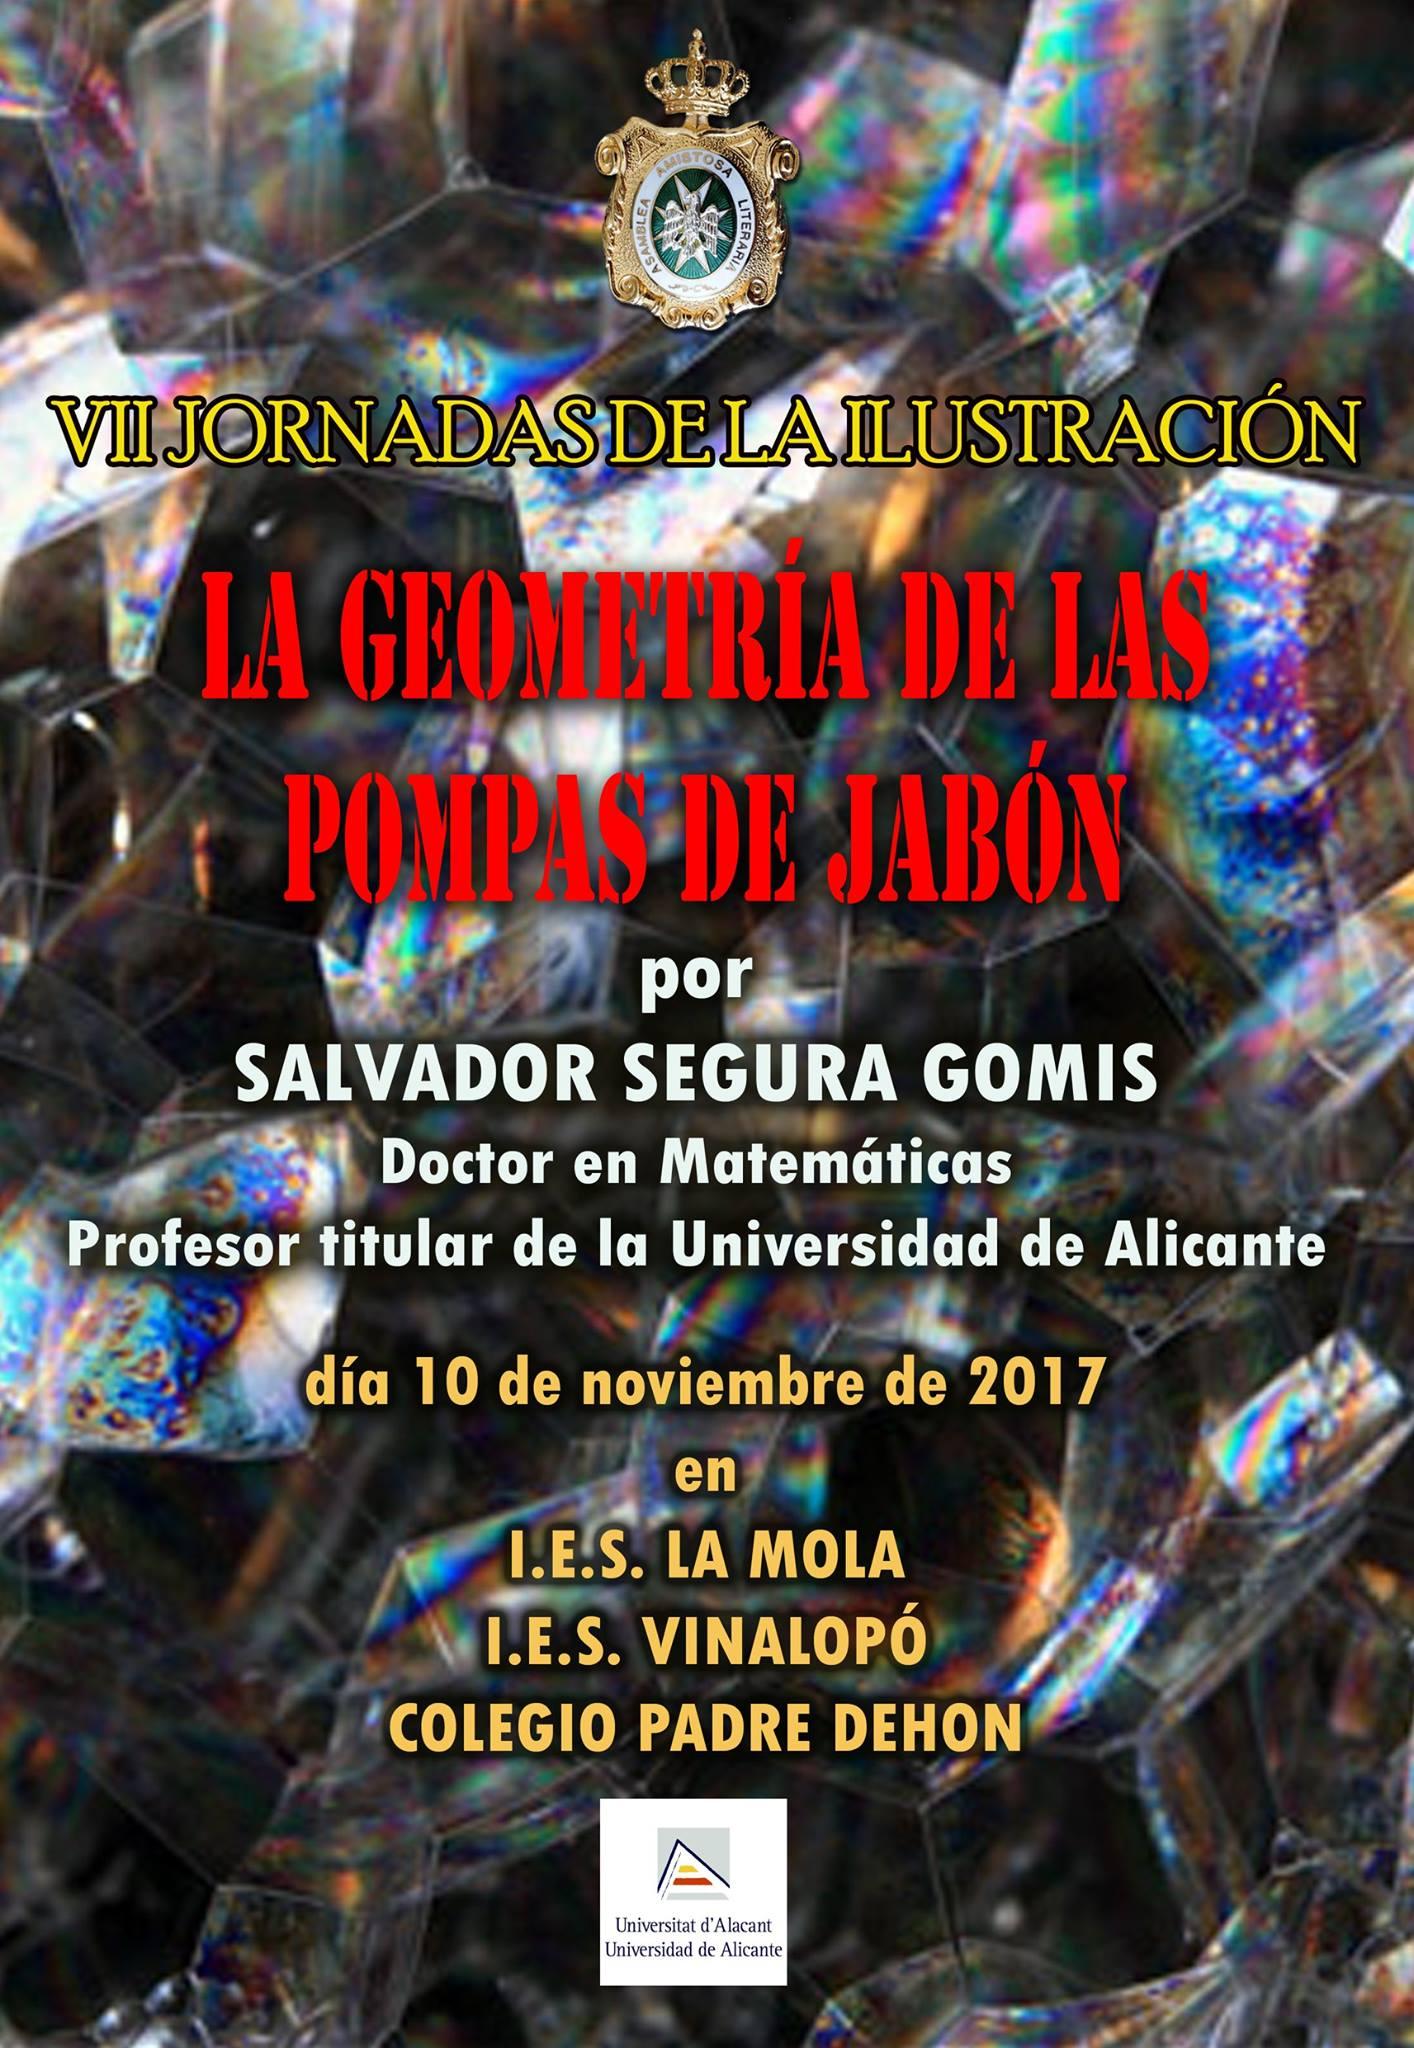 'La Geometría de las Pompas de Jabón' conferencia de Salvador Segura Gomis